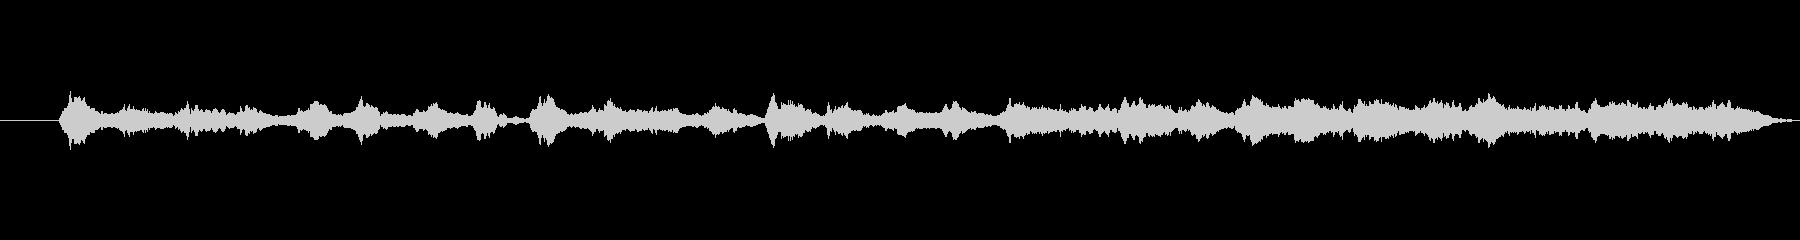 響きが特徴的で不思議なメロディーの未再生の波形